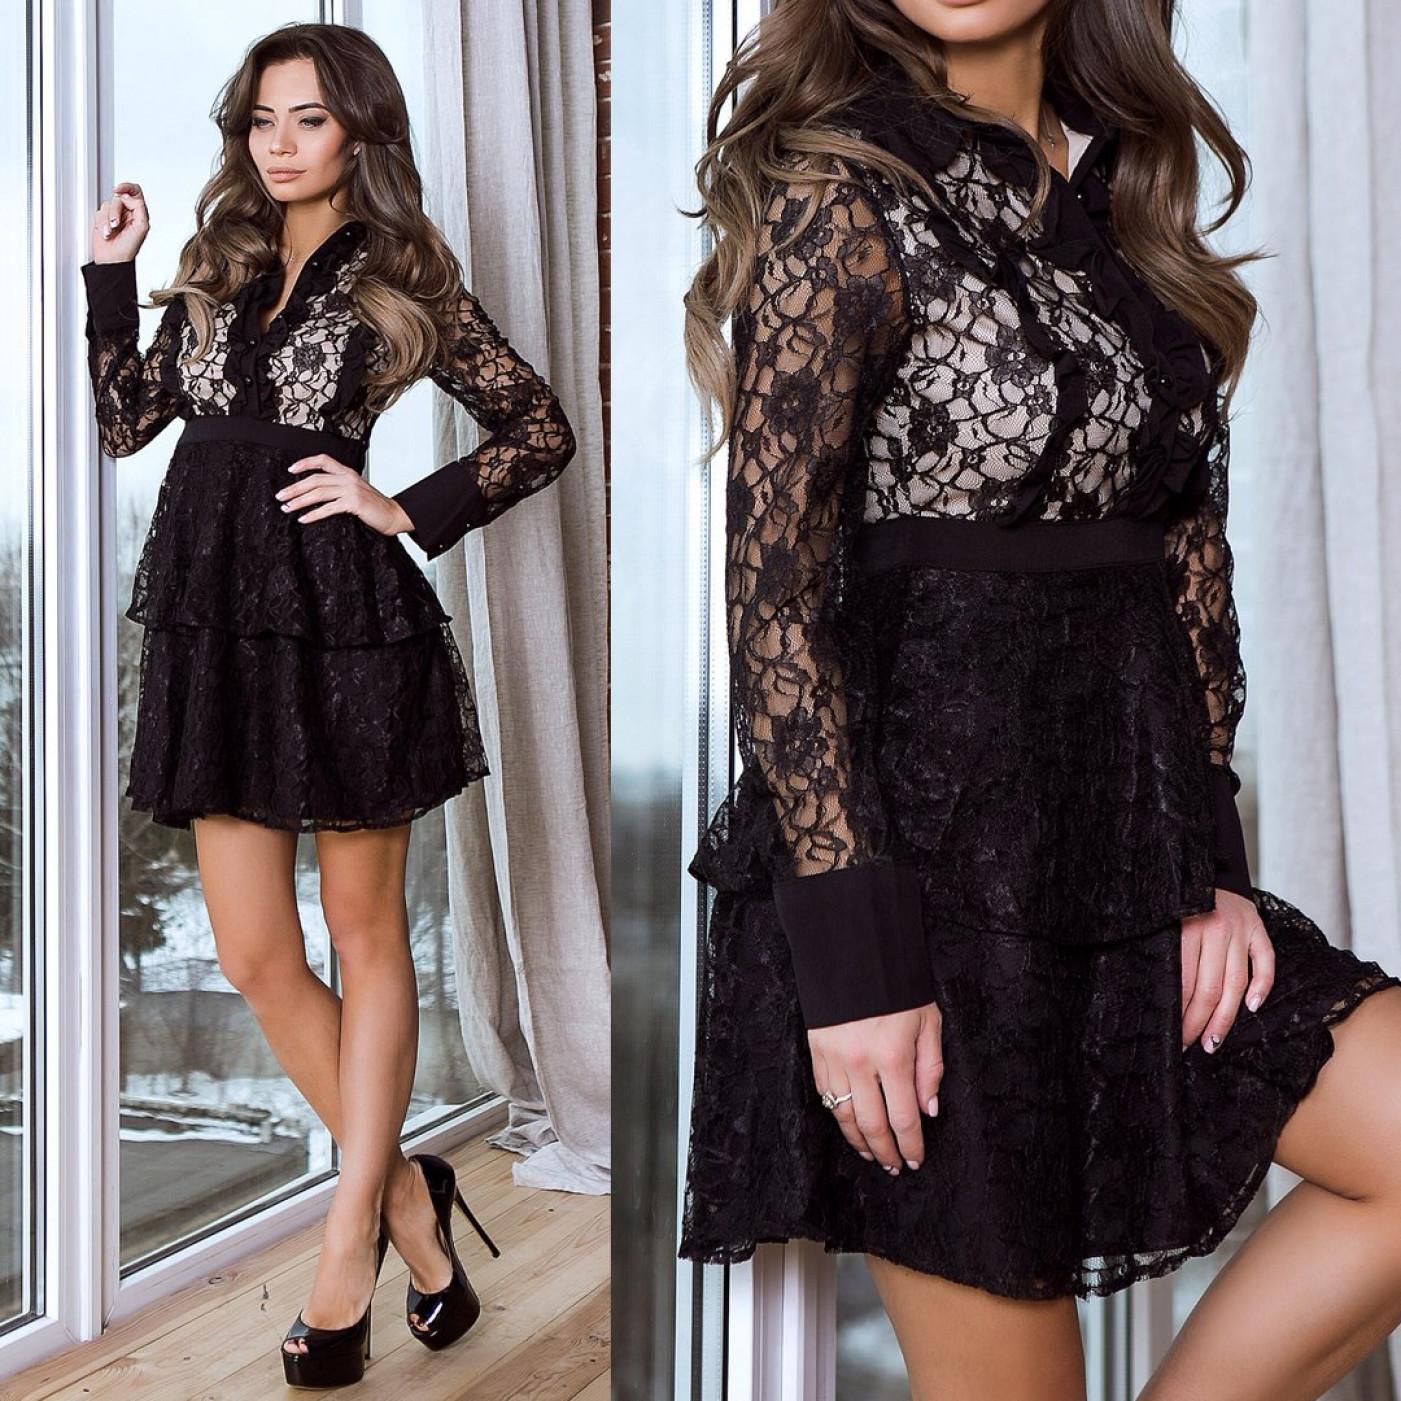 Чорне сміливе плаття з гіпюром 5634